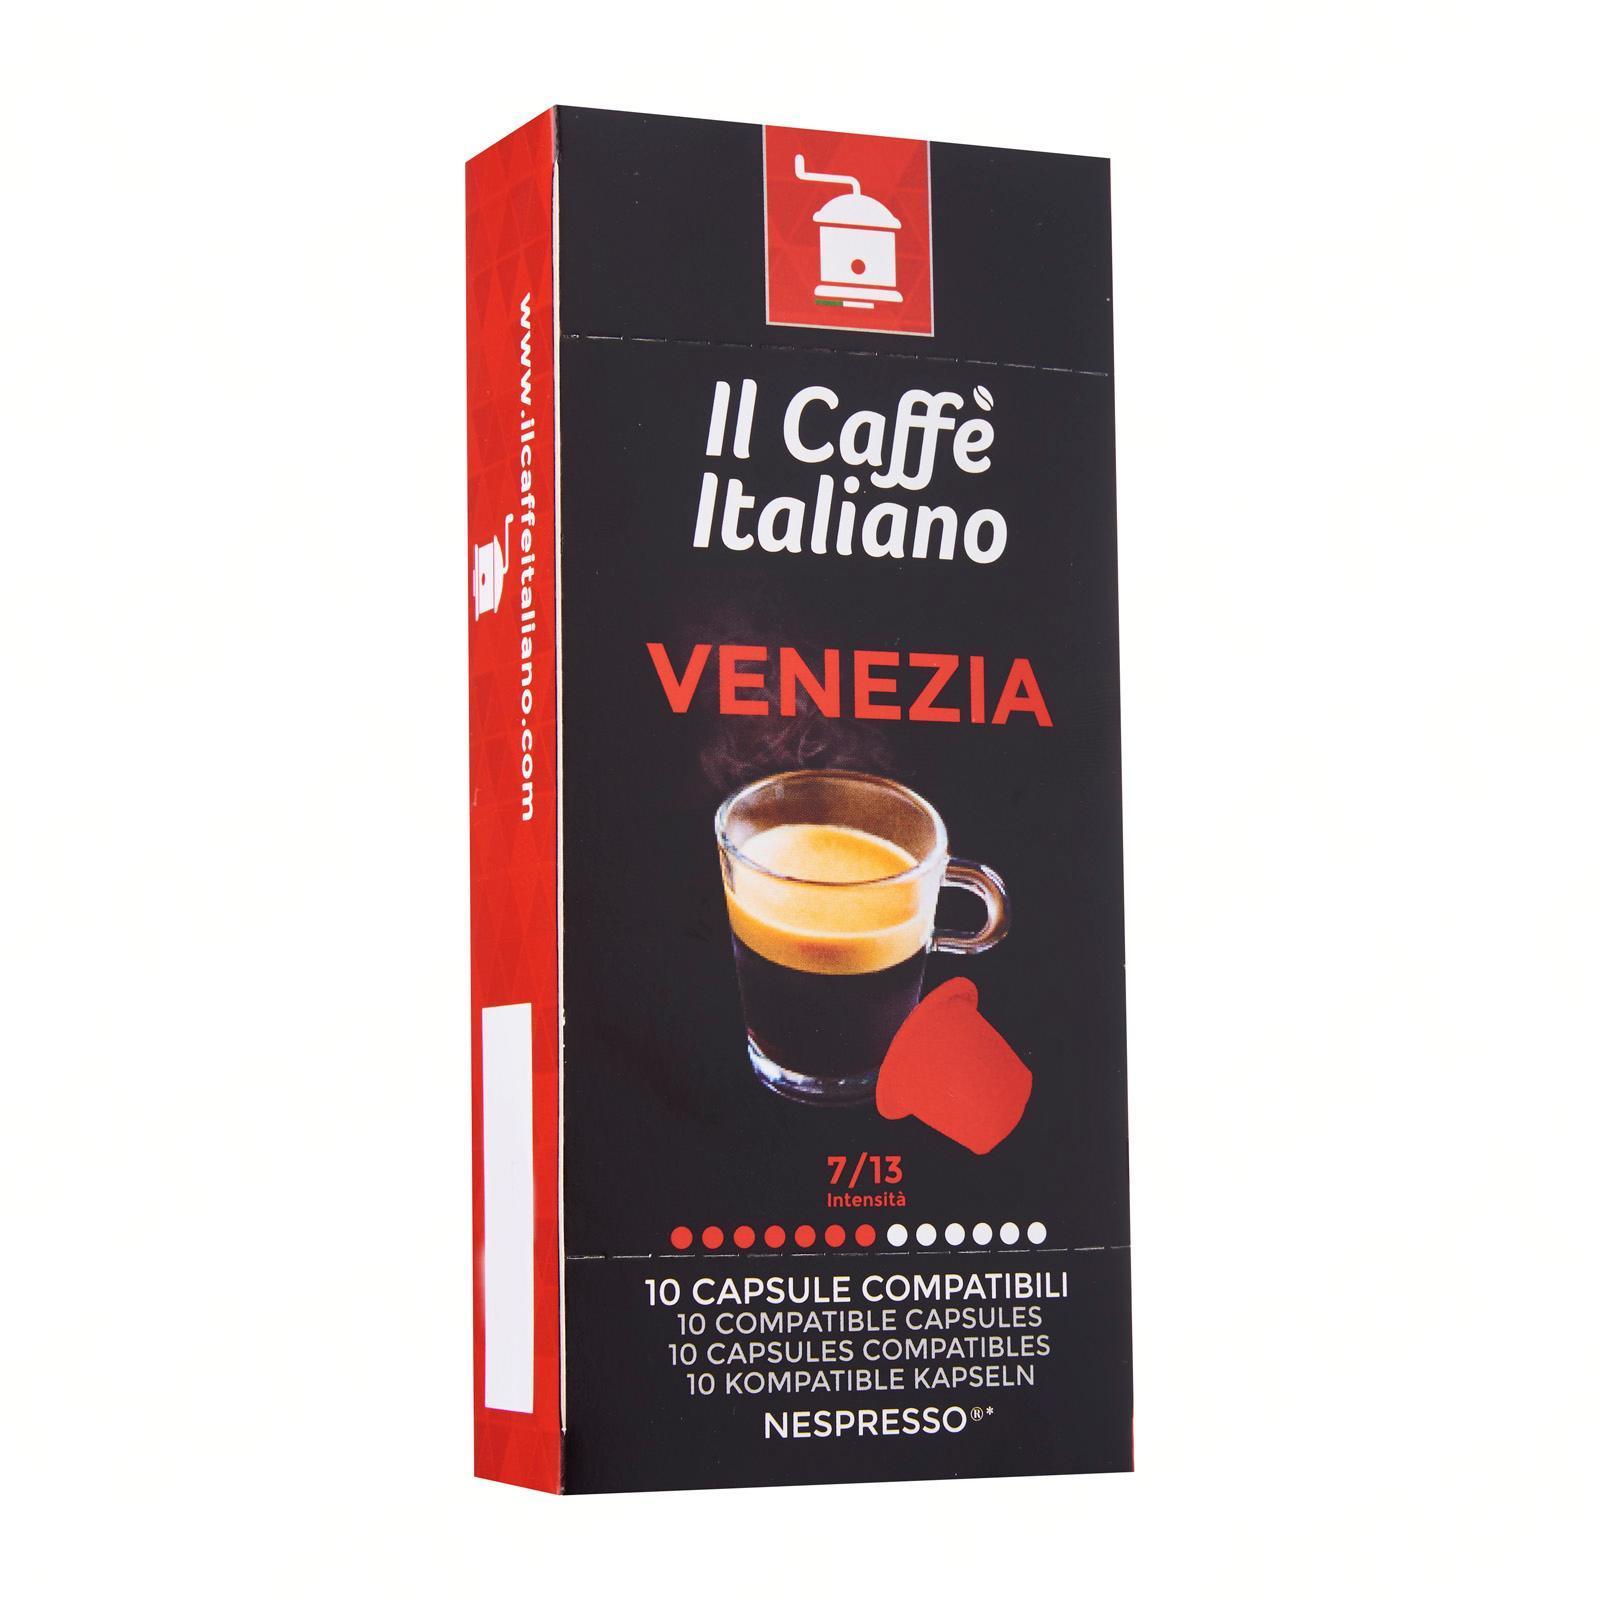 Il Caffe Italiano 10 Nespresso Compatible Coffee Capsules - Blend Venezia